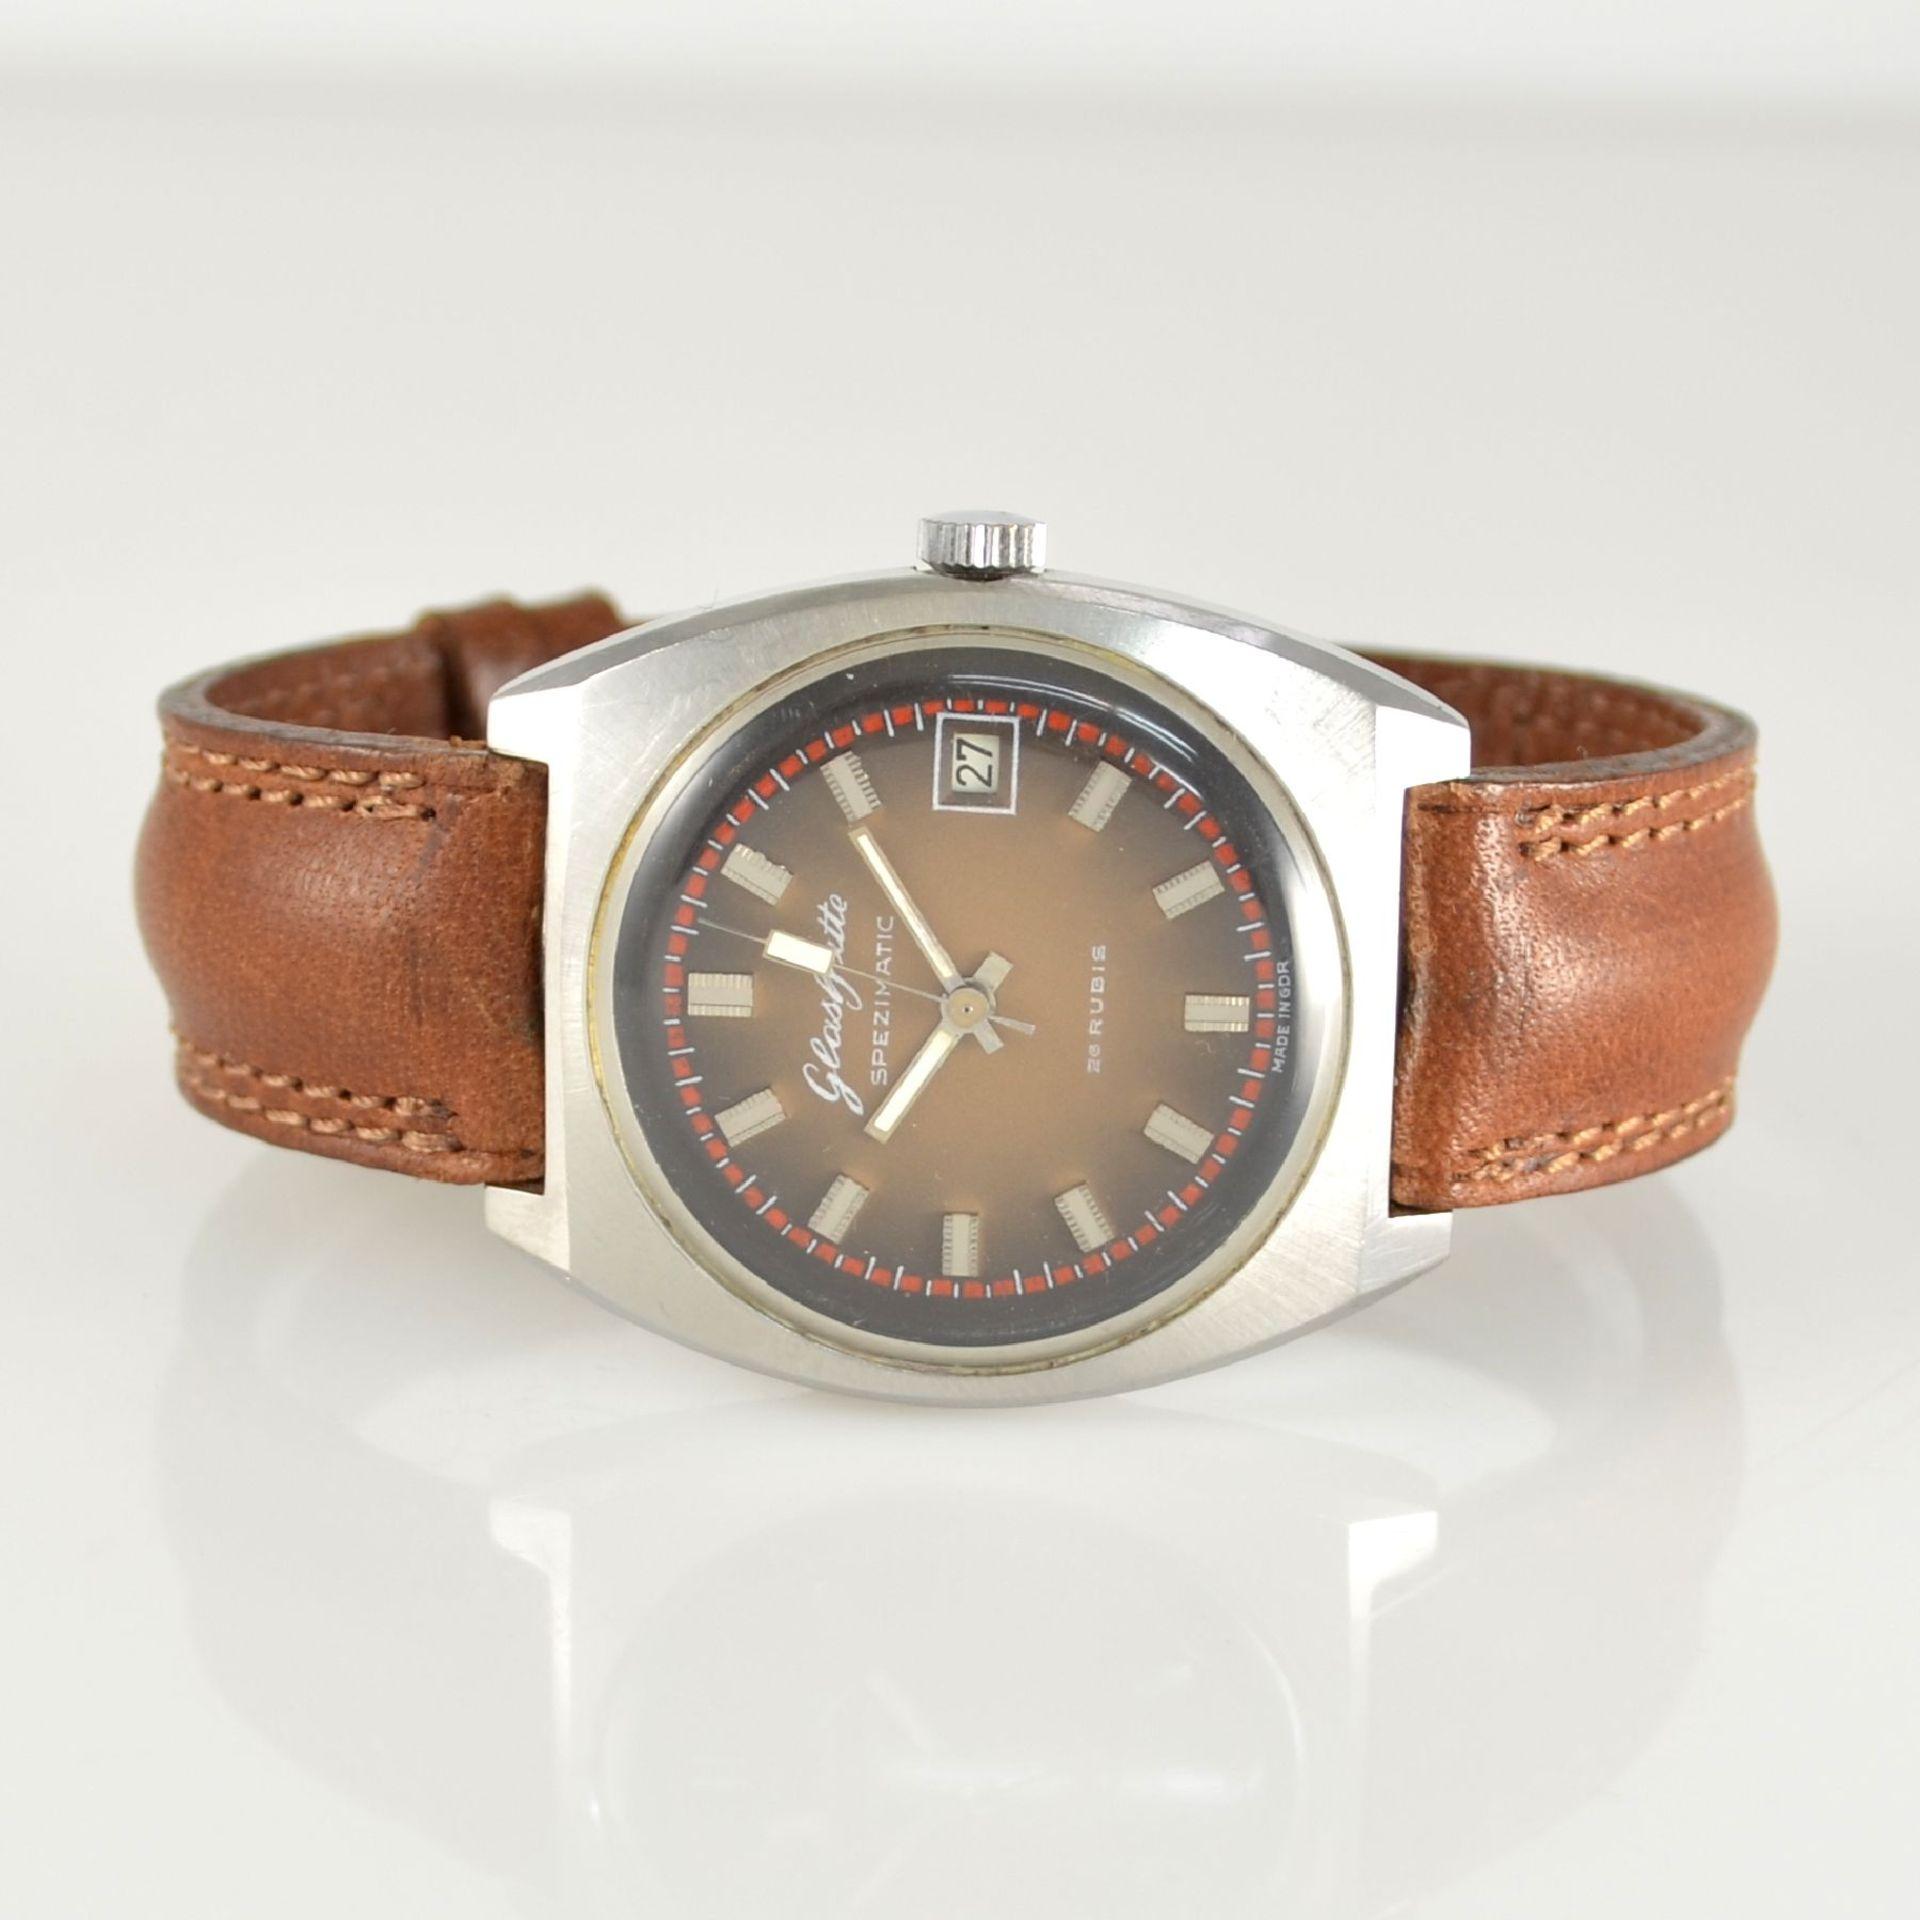 GLASHÜTTE Armbanduhr Spezimatic in Edelstahl, Automatik, DDR um 1970, Boden aufgedr., ausgef.